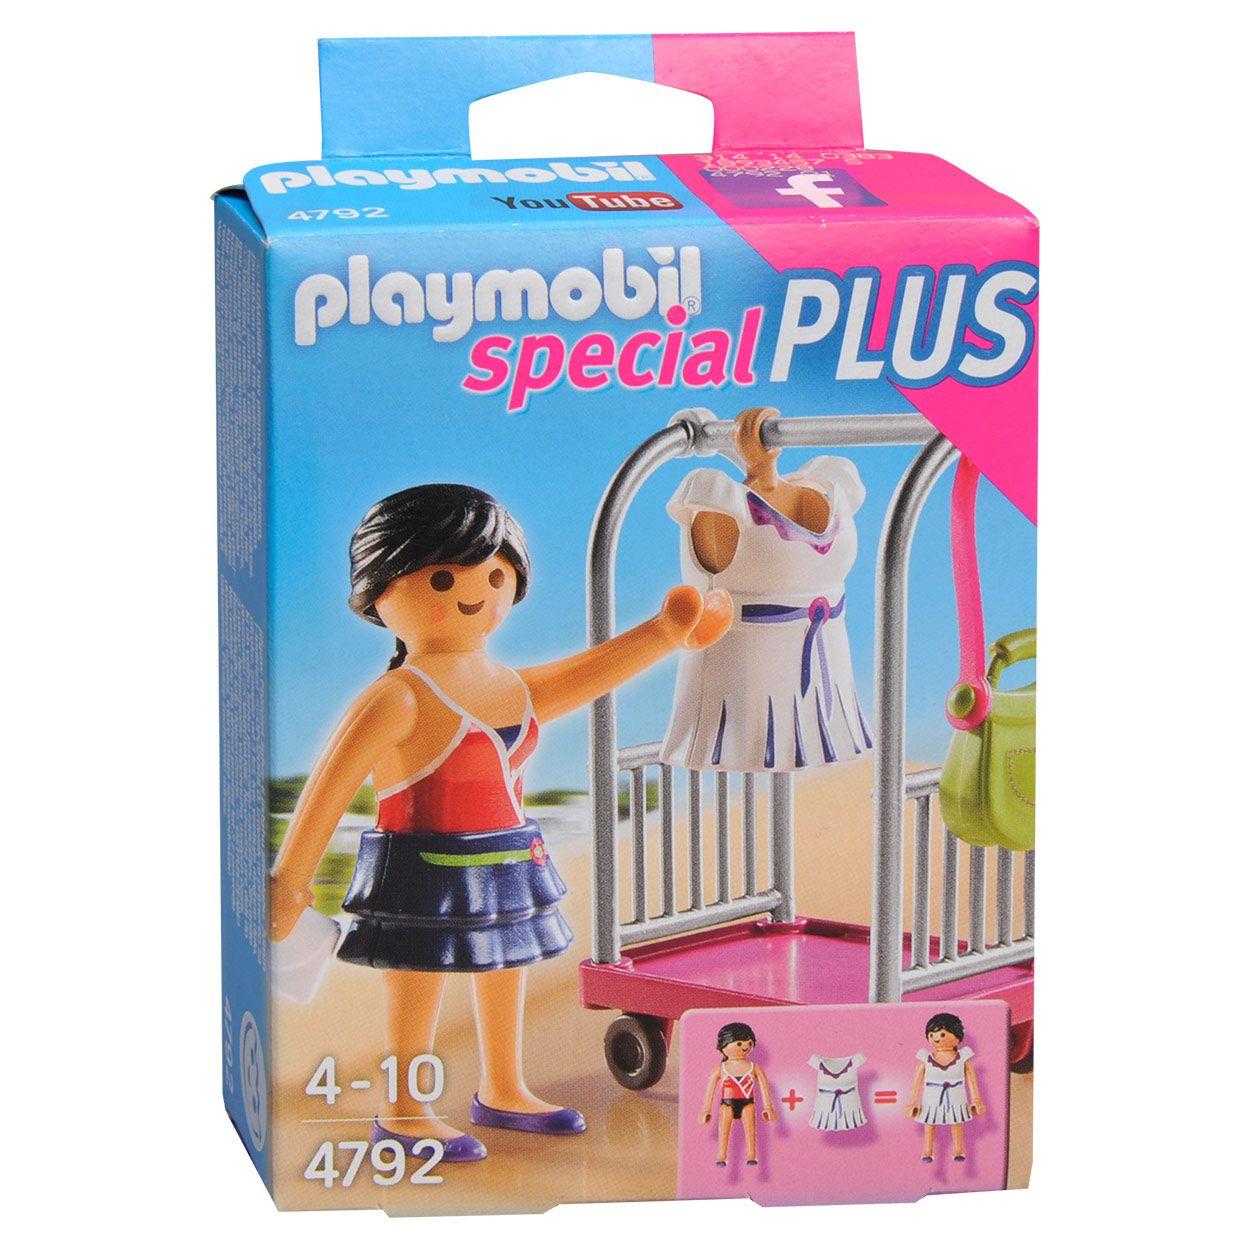 Playmobil Special Plus - Modelo com carrinho de vestidos